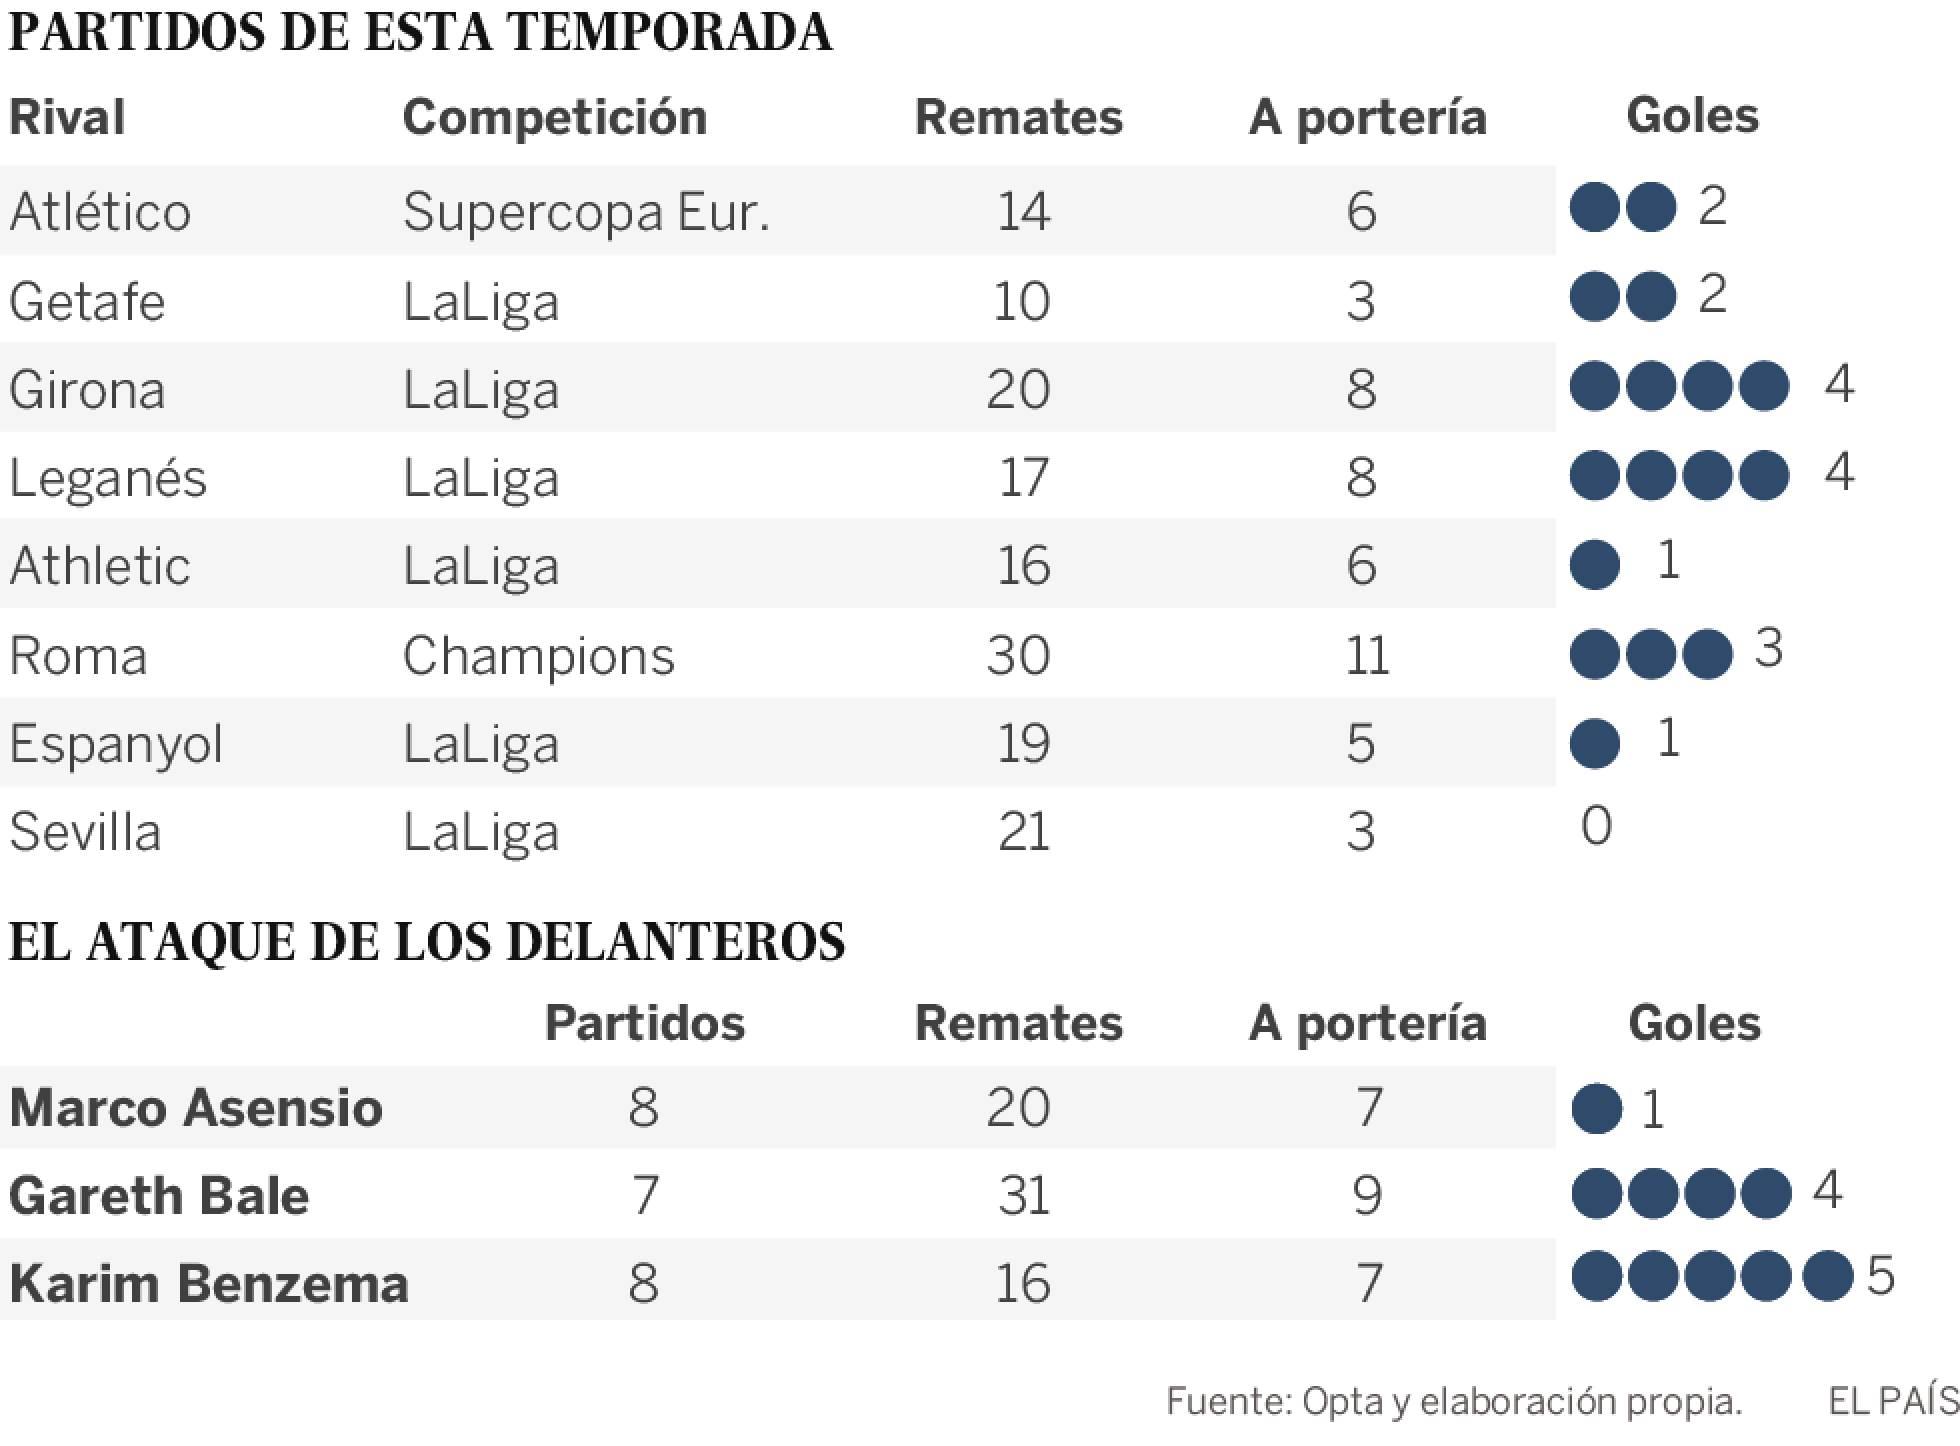 Los números de Real Madrid con Cristiano (hasta 2017-18) y sin él (2018-19). [Fuente: El País, con datos de Opta]